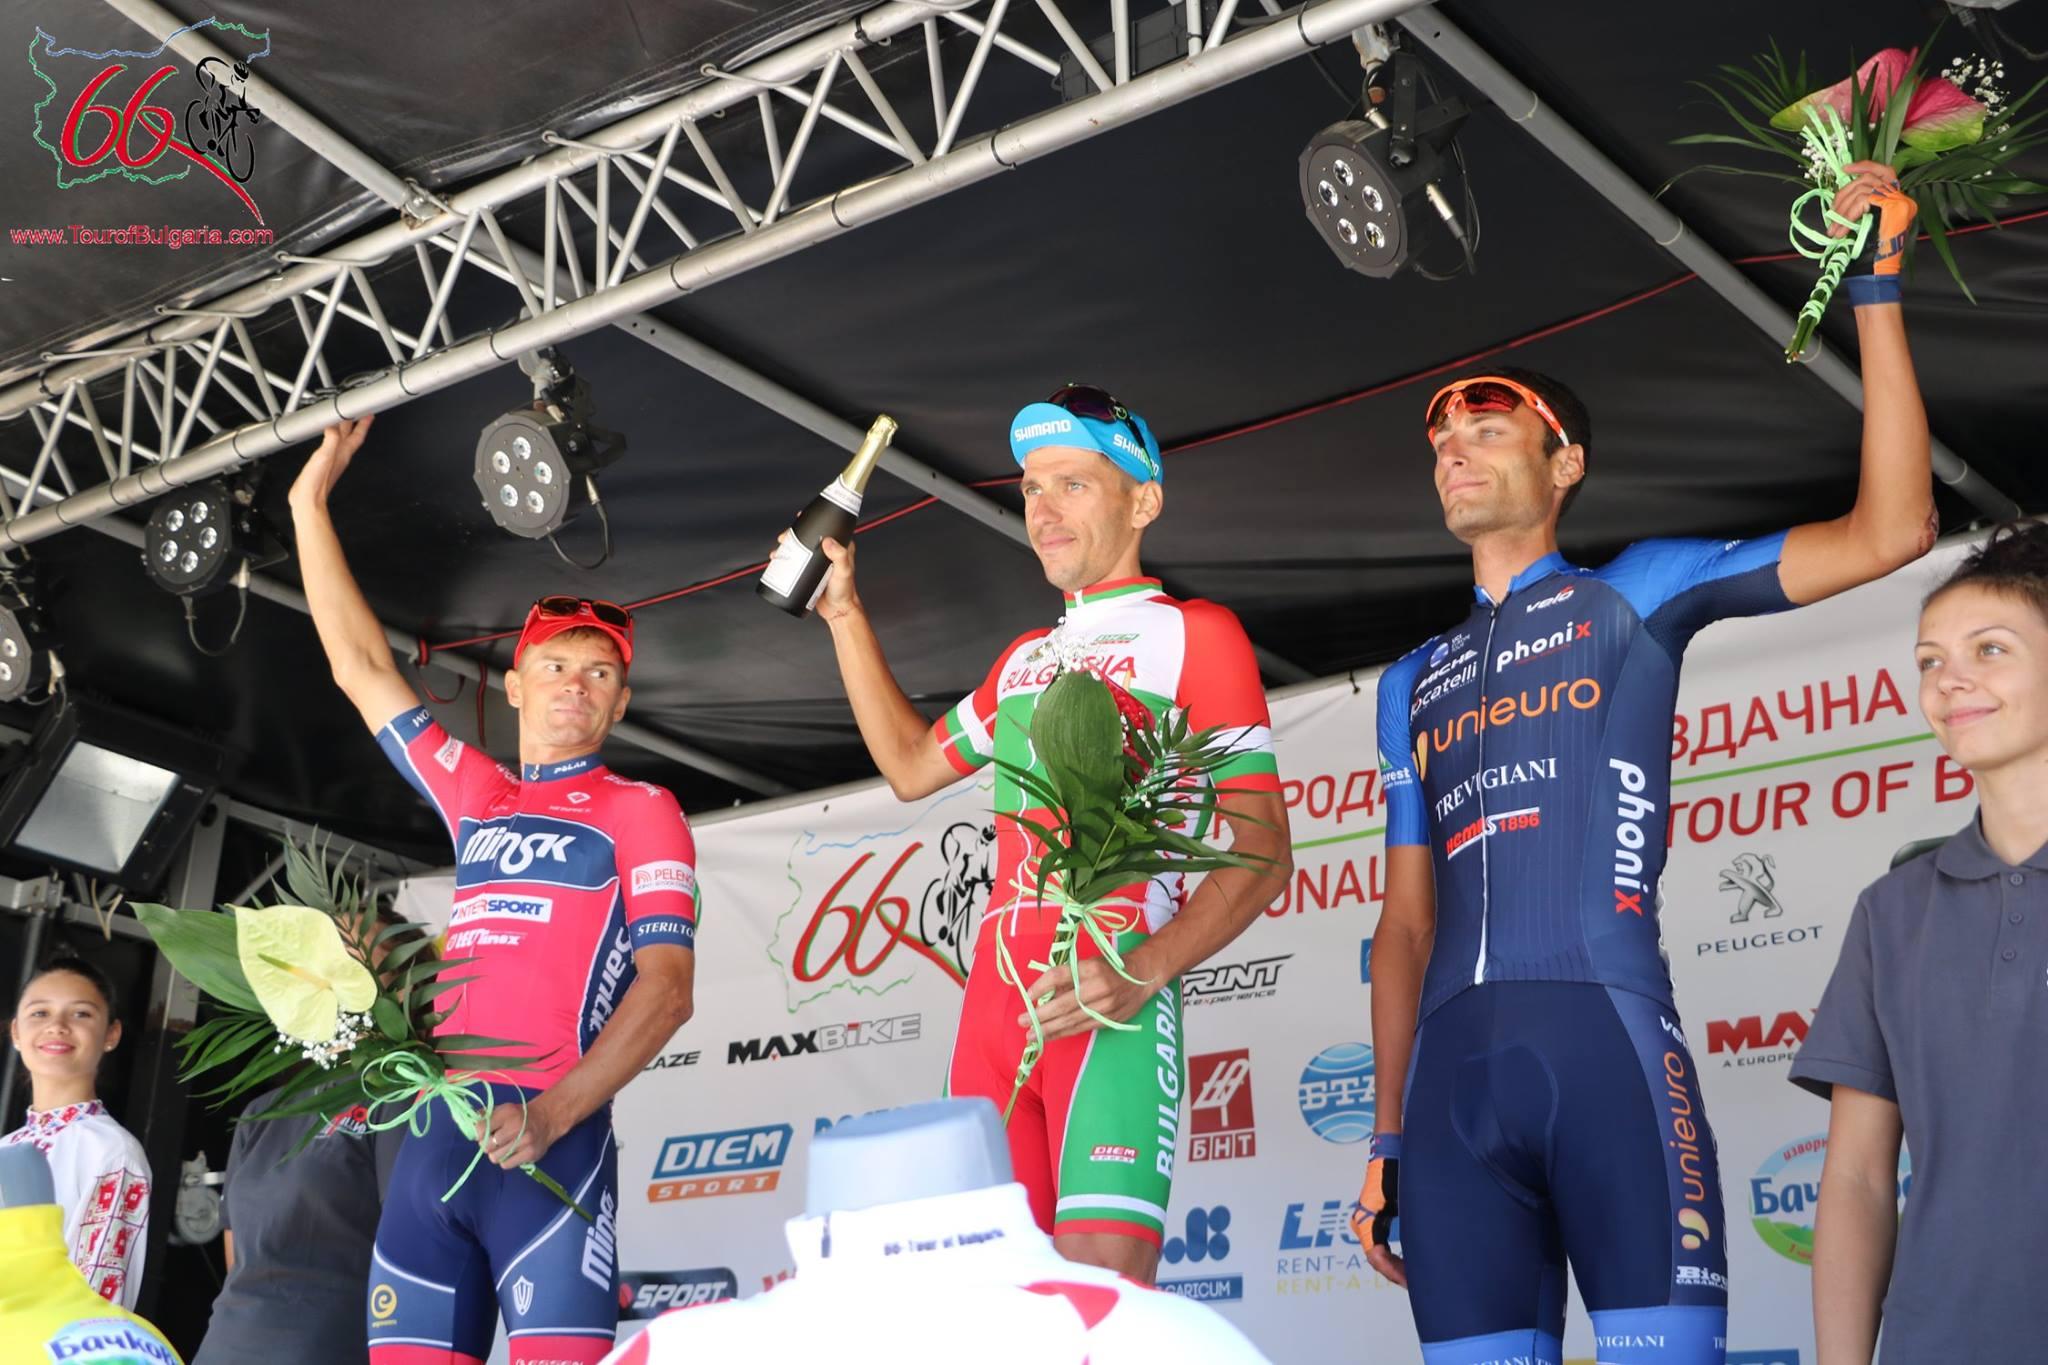 Il podio della prima semitappa della seconda tappa del Tour of Bulgaria 2017